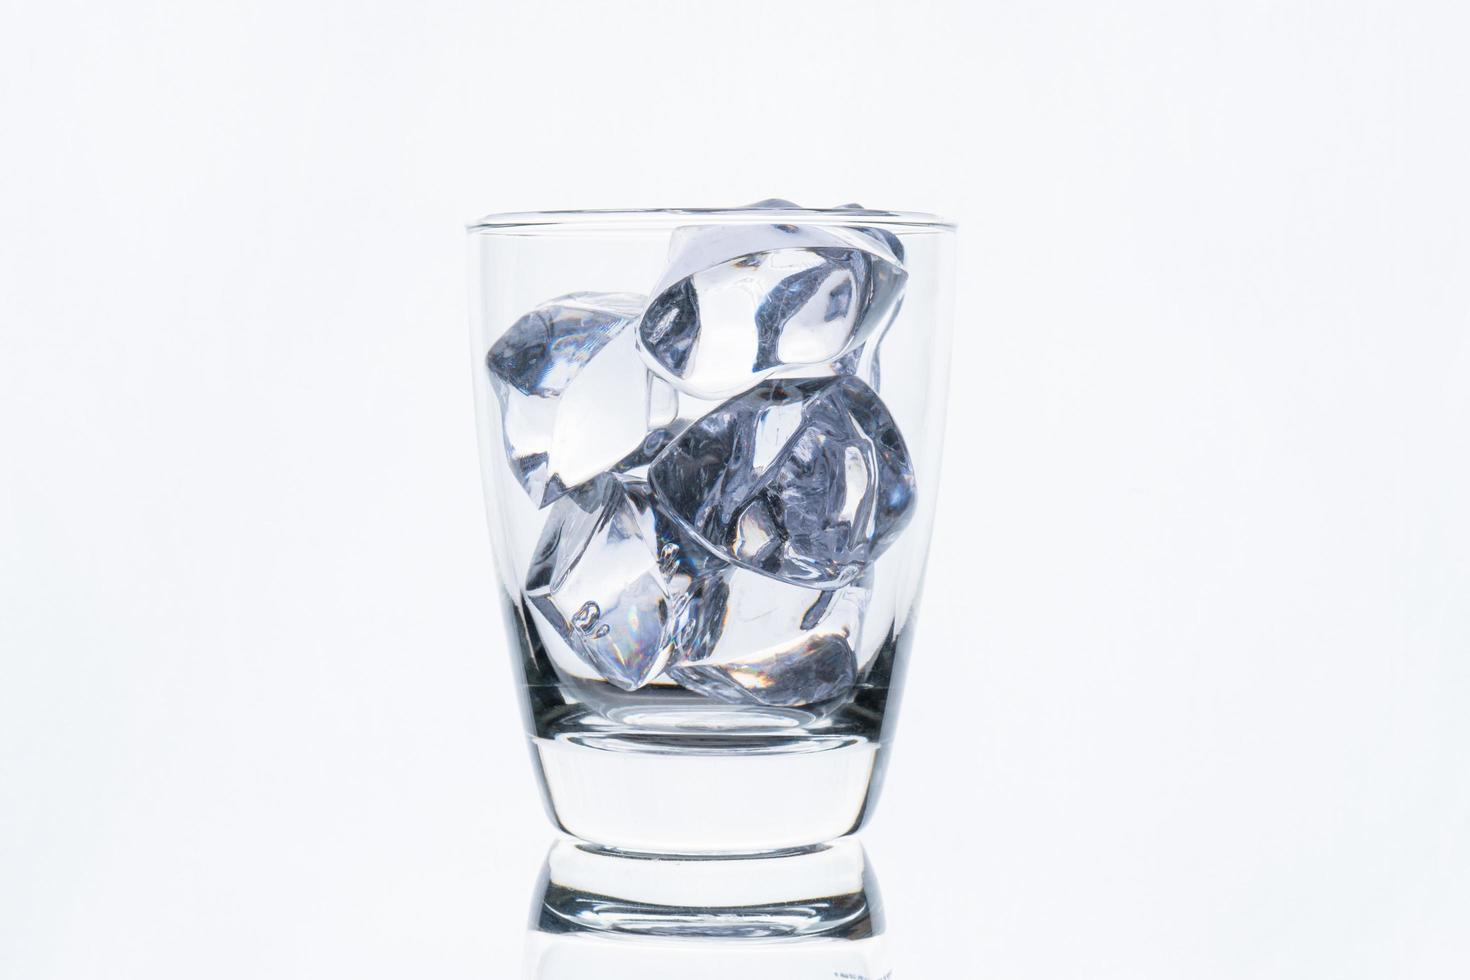 eau glacée en verre clair photo